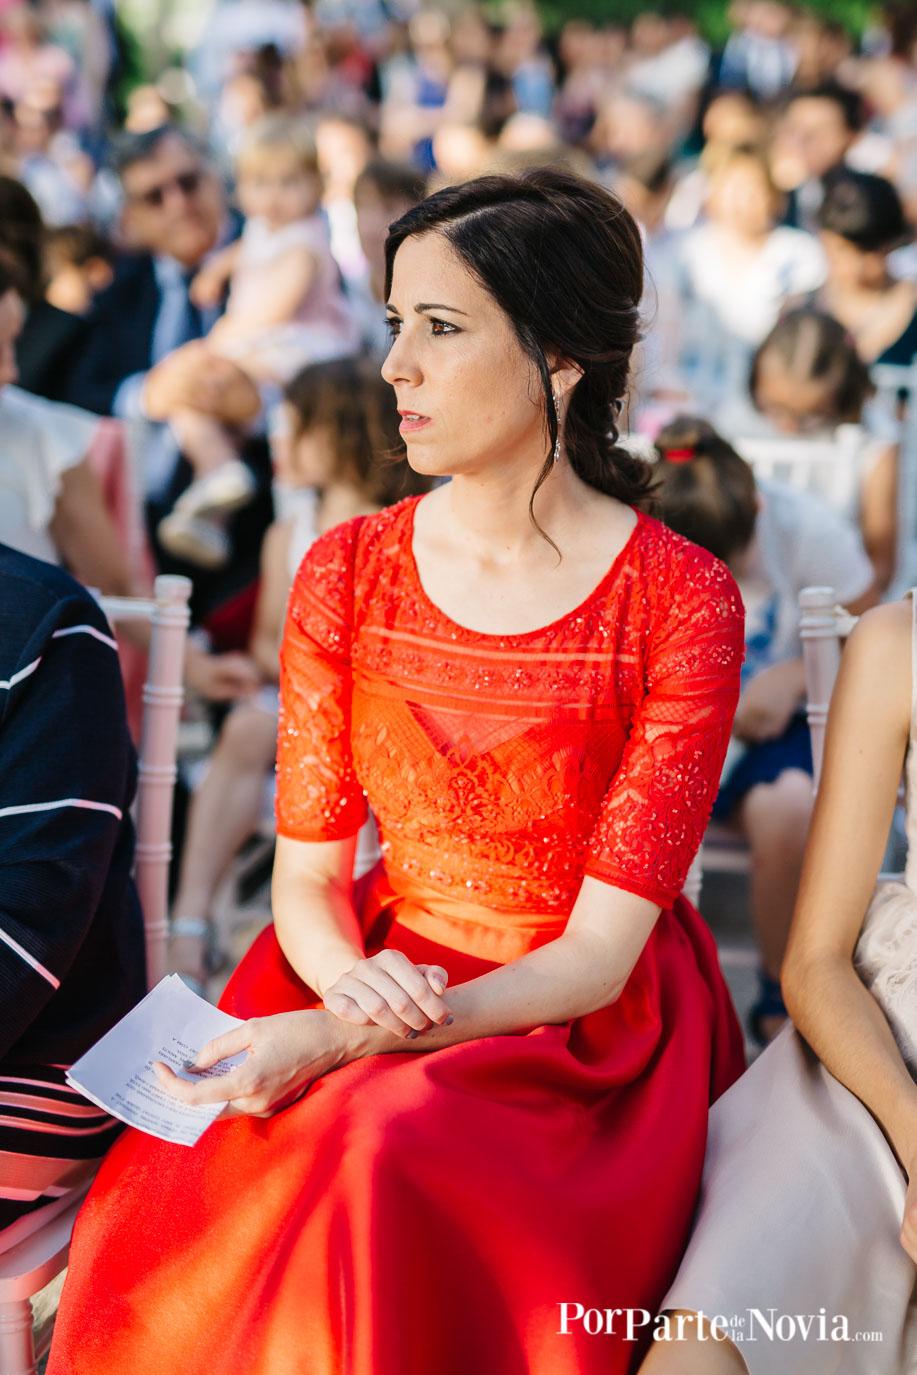 M Carmen Y Manu 0811 web.jpg